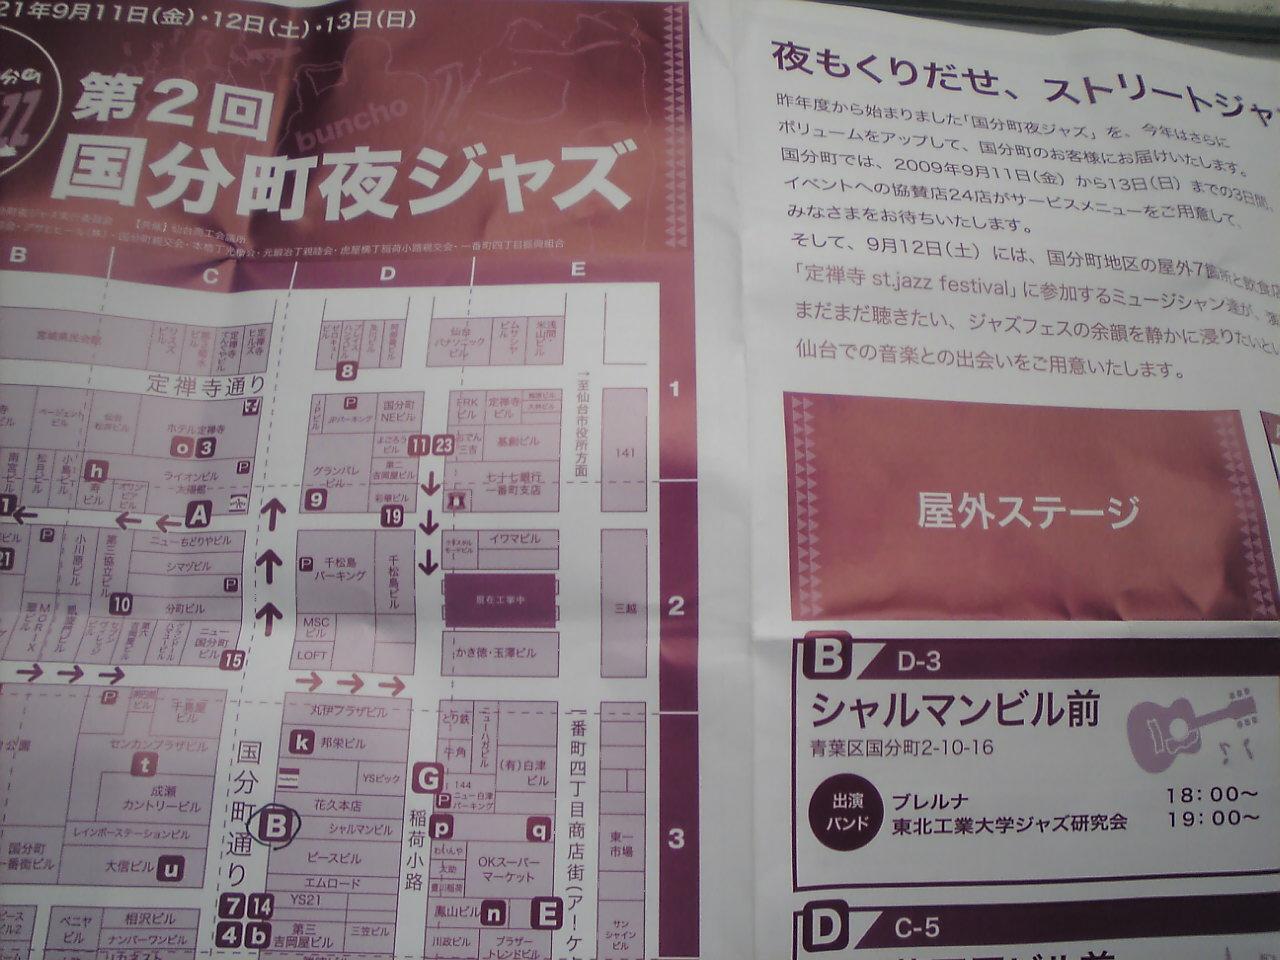 第9回ブレルナin仙台、堂々開催!_b0080104_1026597.jpg